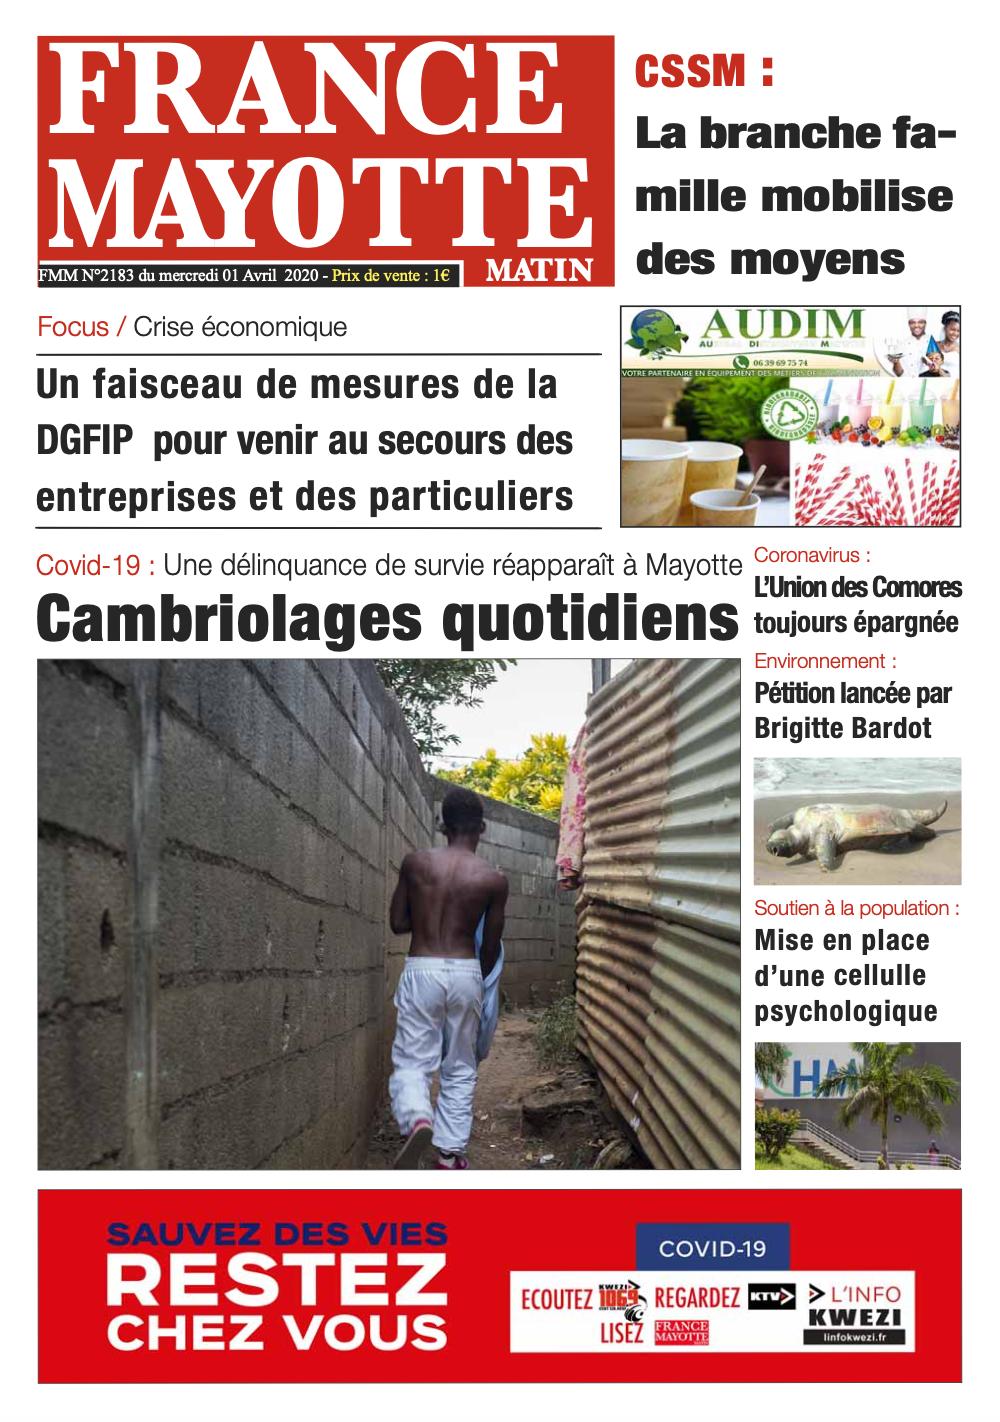 France Mayotte Mercredi 1er avril 2020